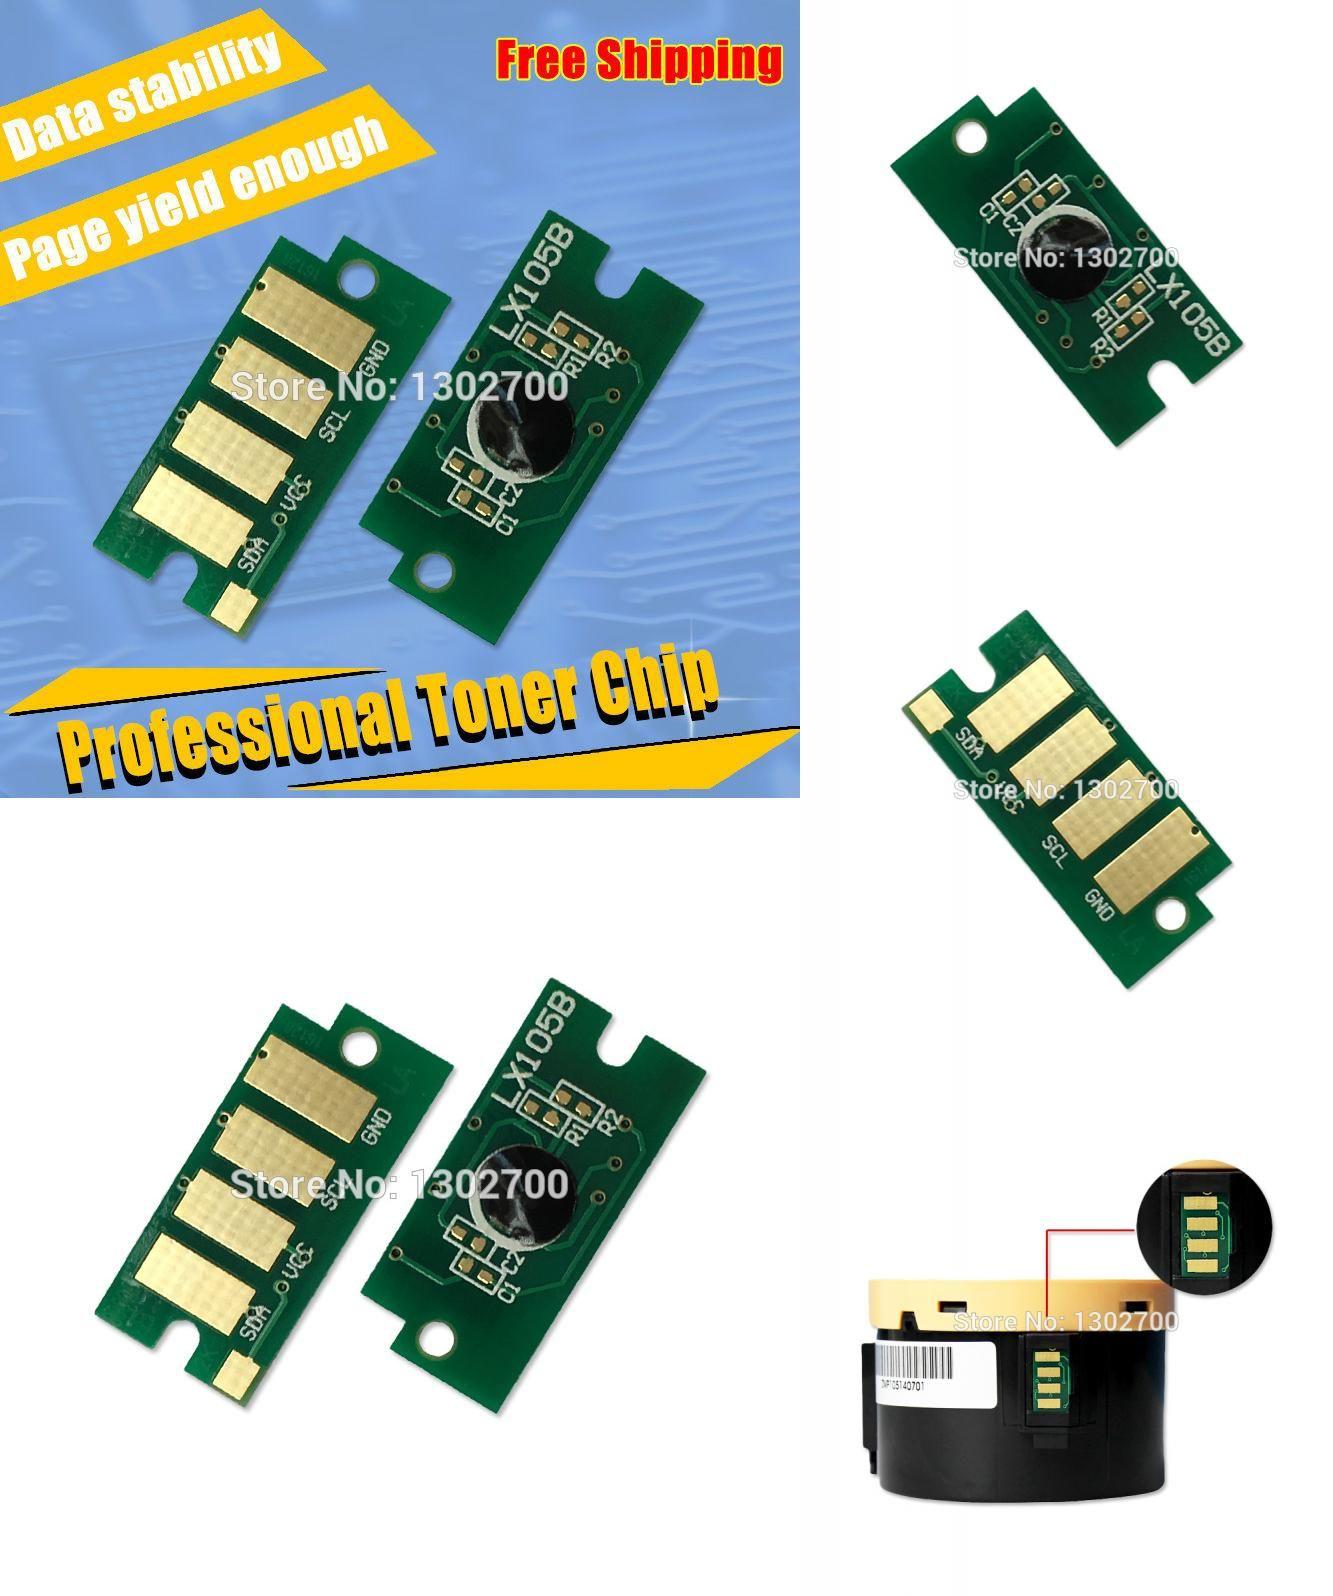 Visit To Buy 20pcs 106r02182 106r02183 2180 2181 Toner Cartridge